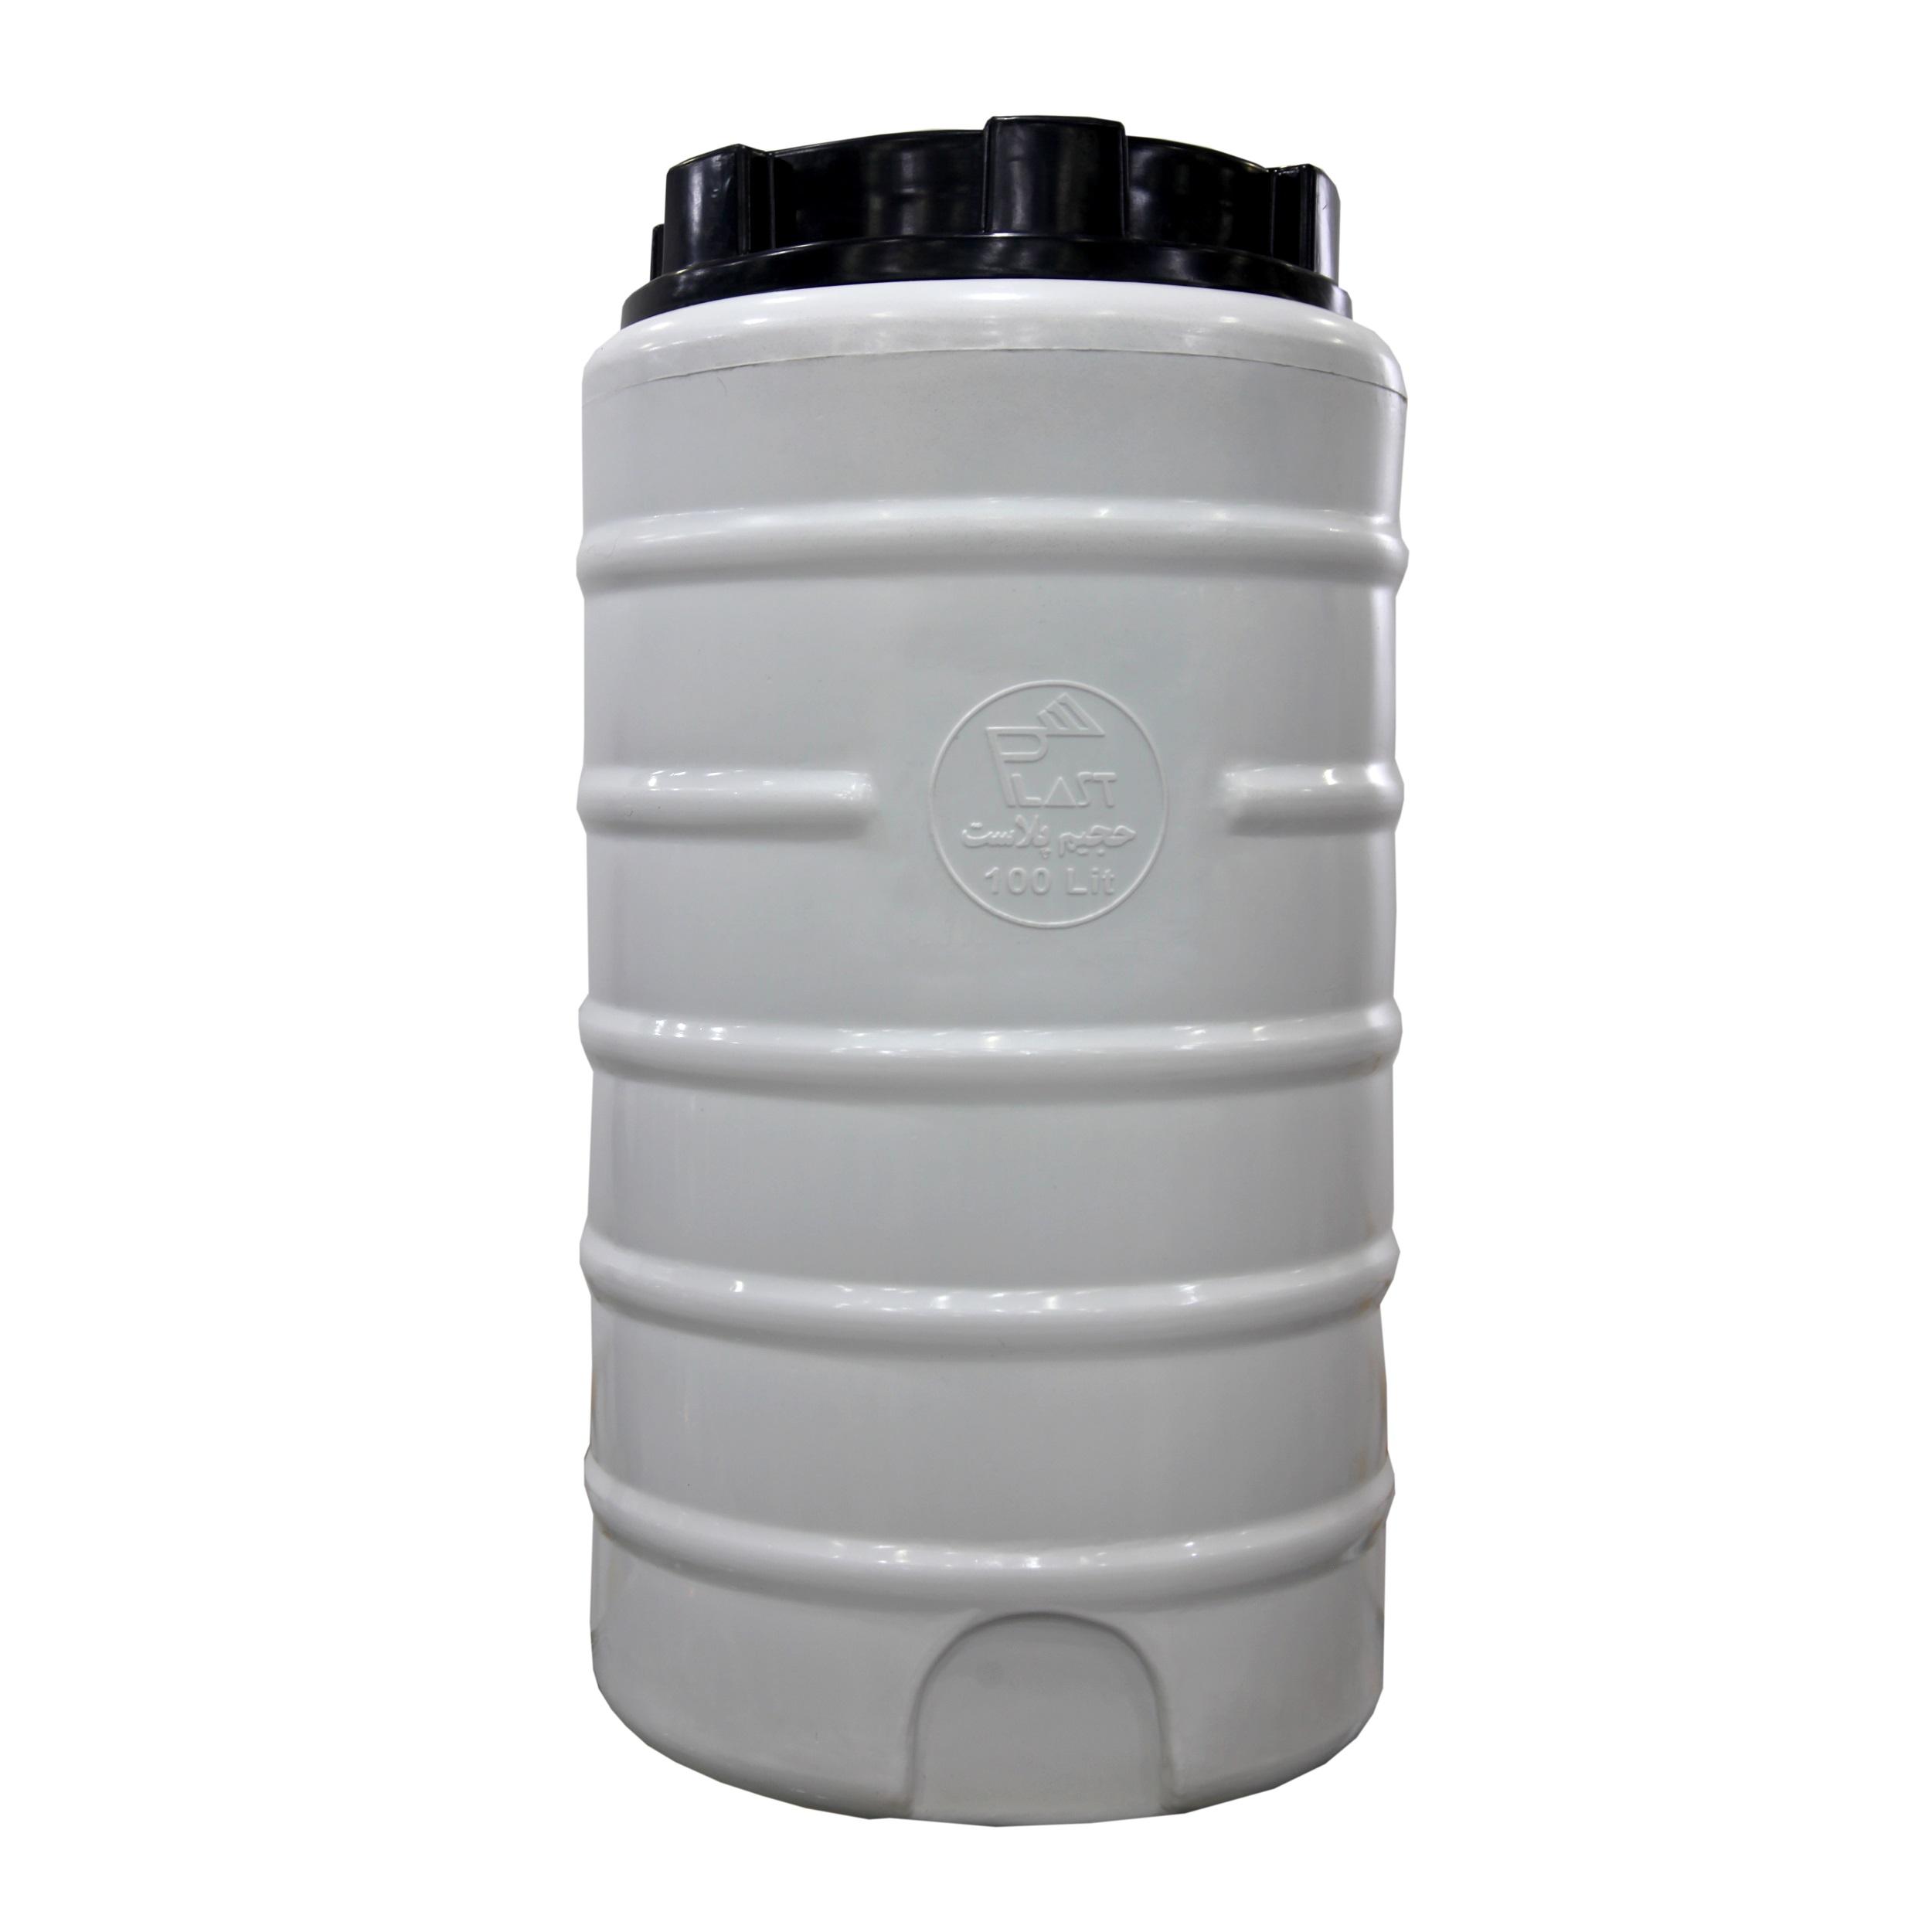 مخزن آب حجیم پلاست مدل 101 حجم 100 لیتر